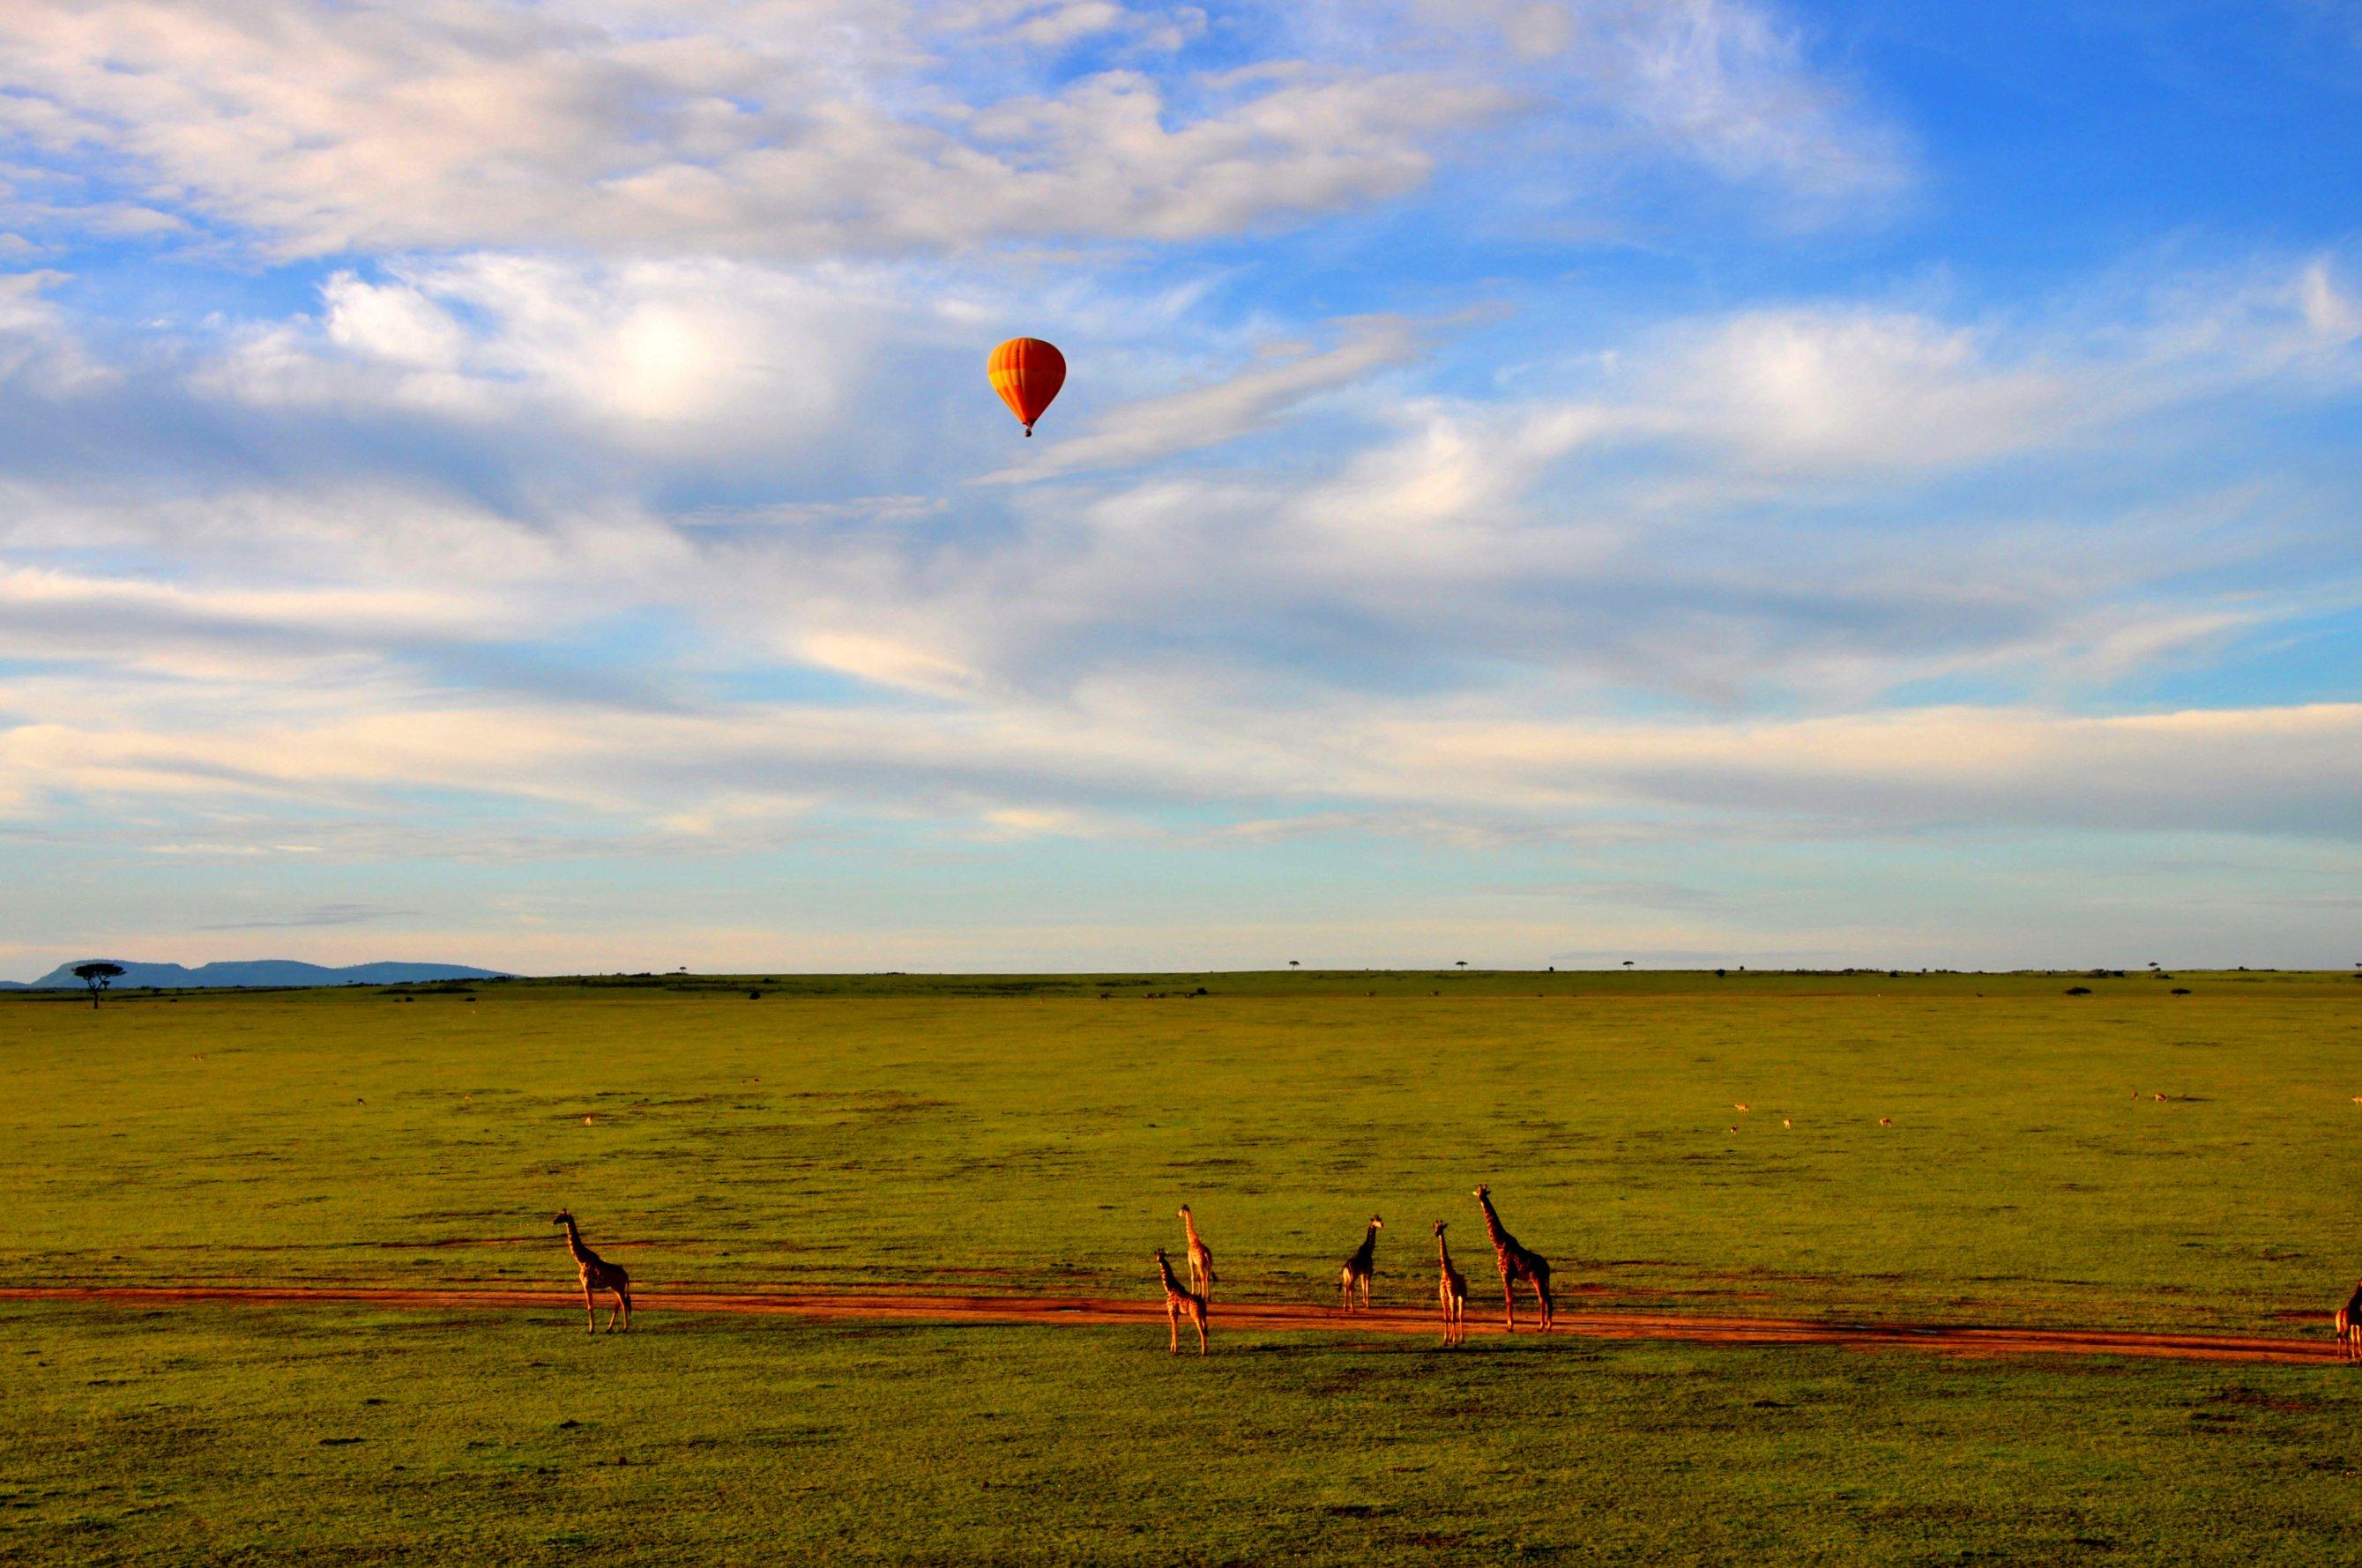 mara-balloon-safari